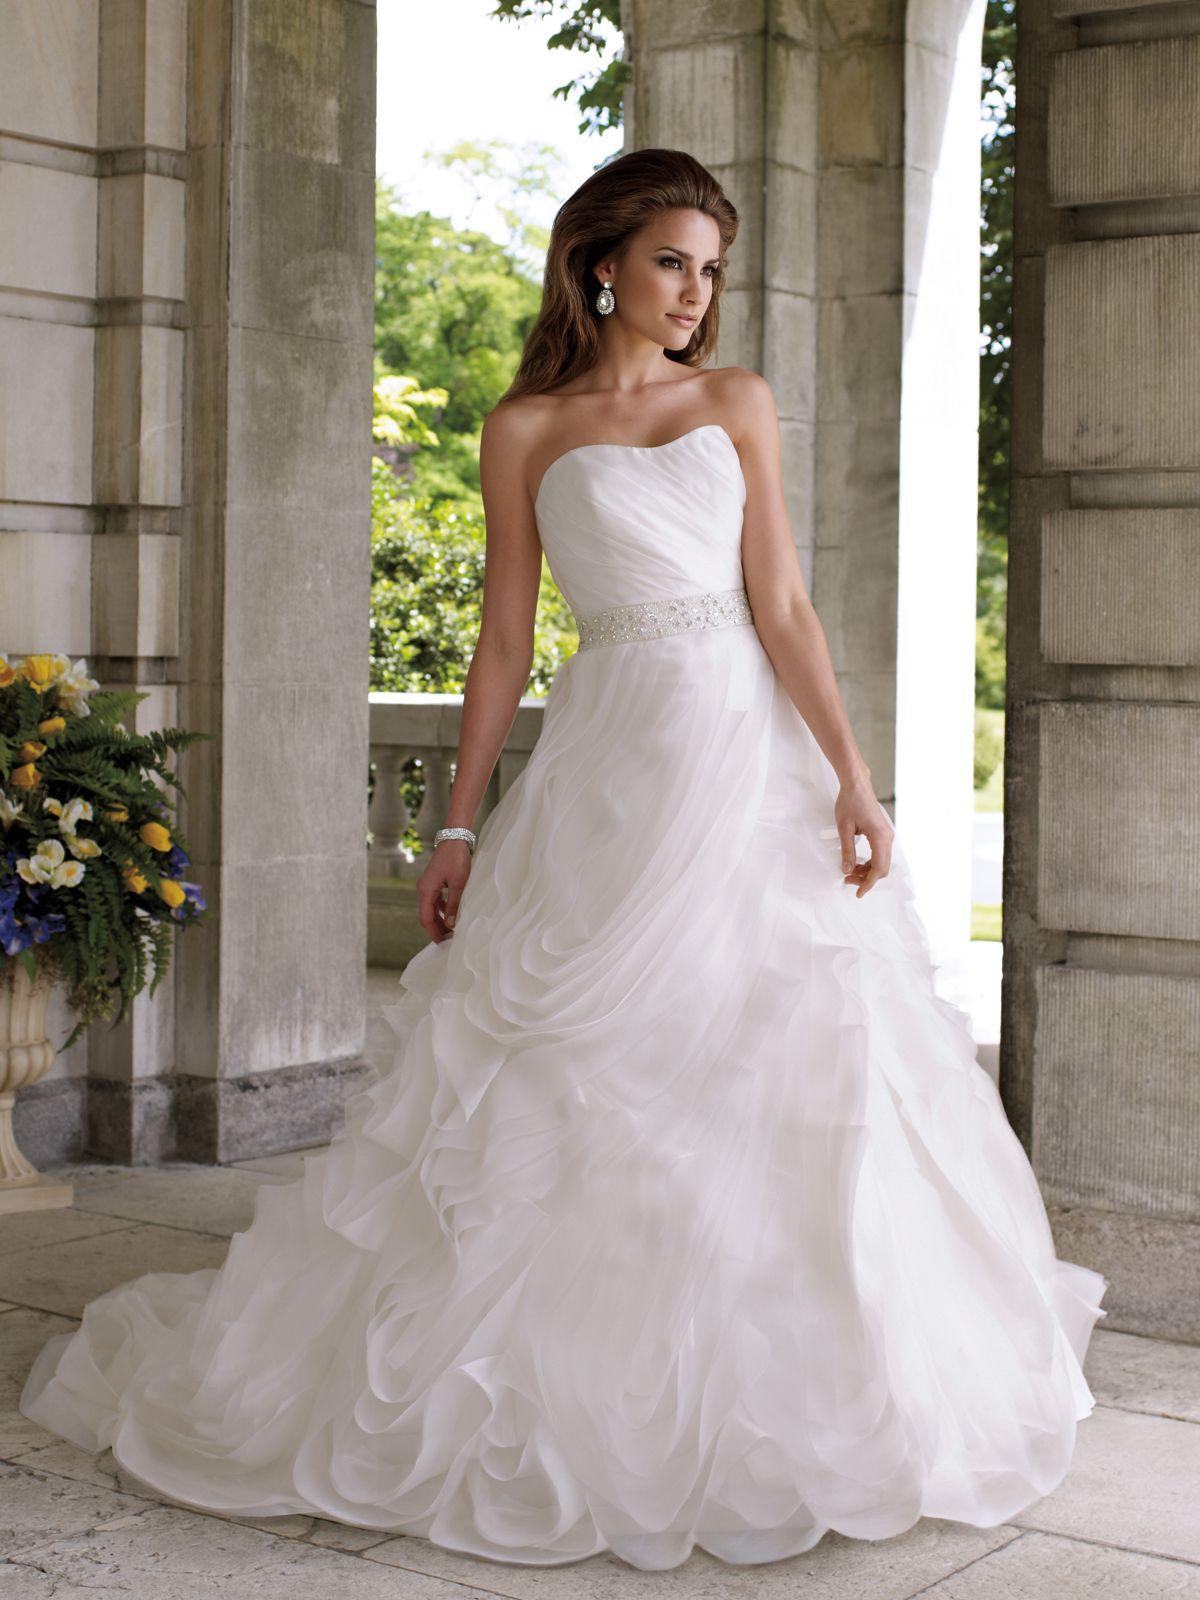 6ffe81eaf Este es el que quiero!!! Para mi boda por la iglesia!!!